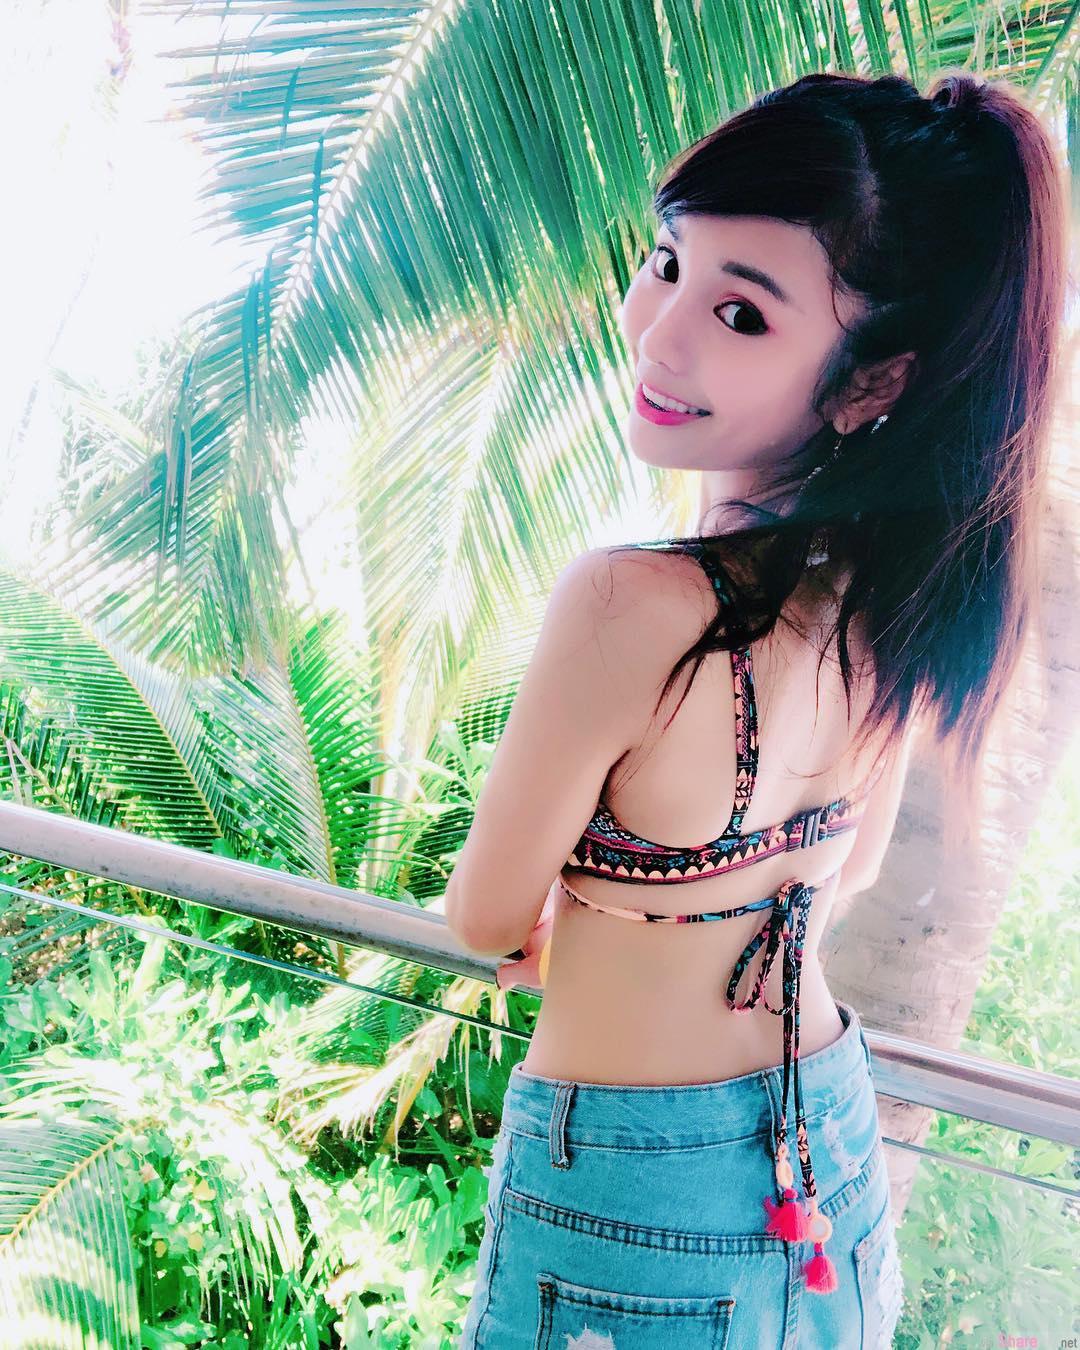 甜美女孩Linda 琳妲,度假屋穿比基尼自拍辣翻网友